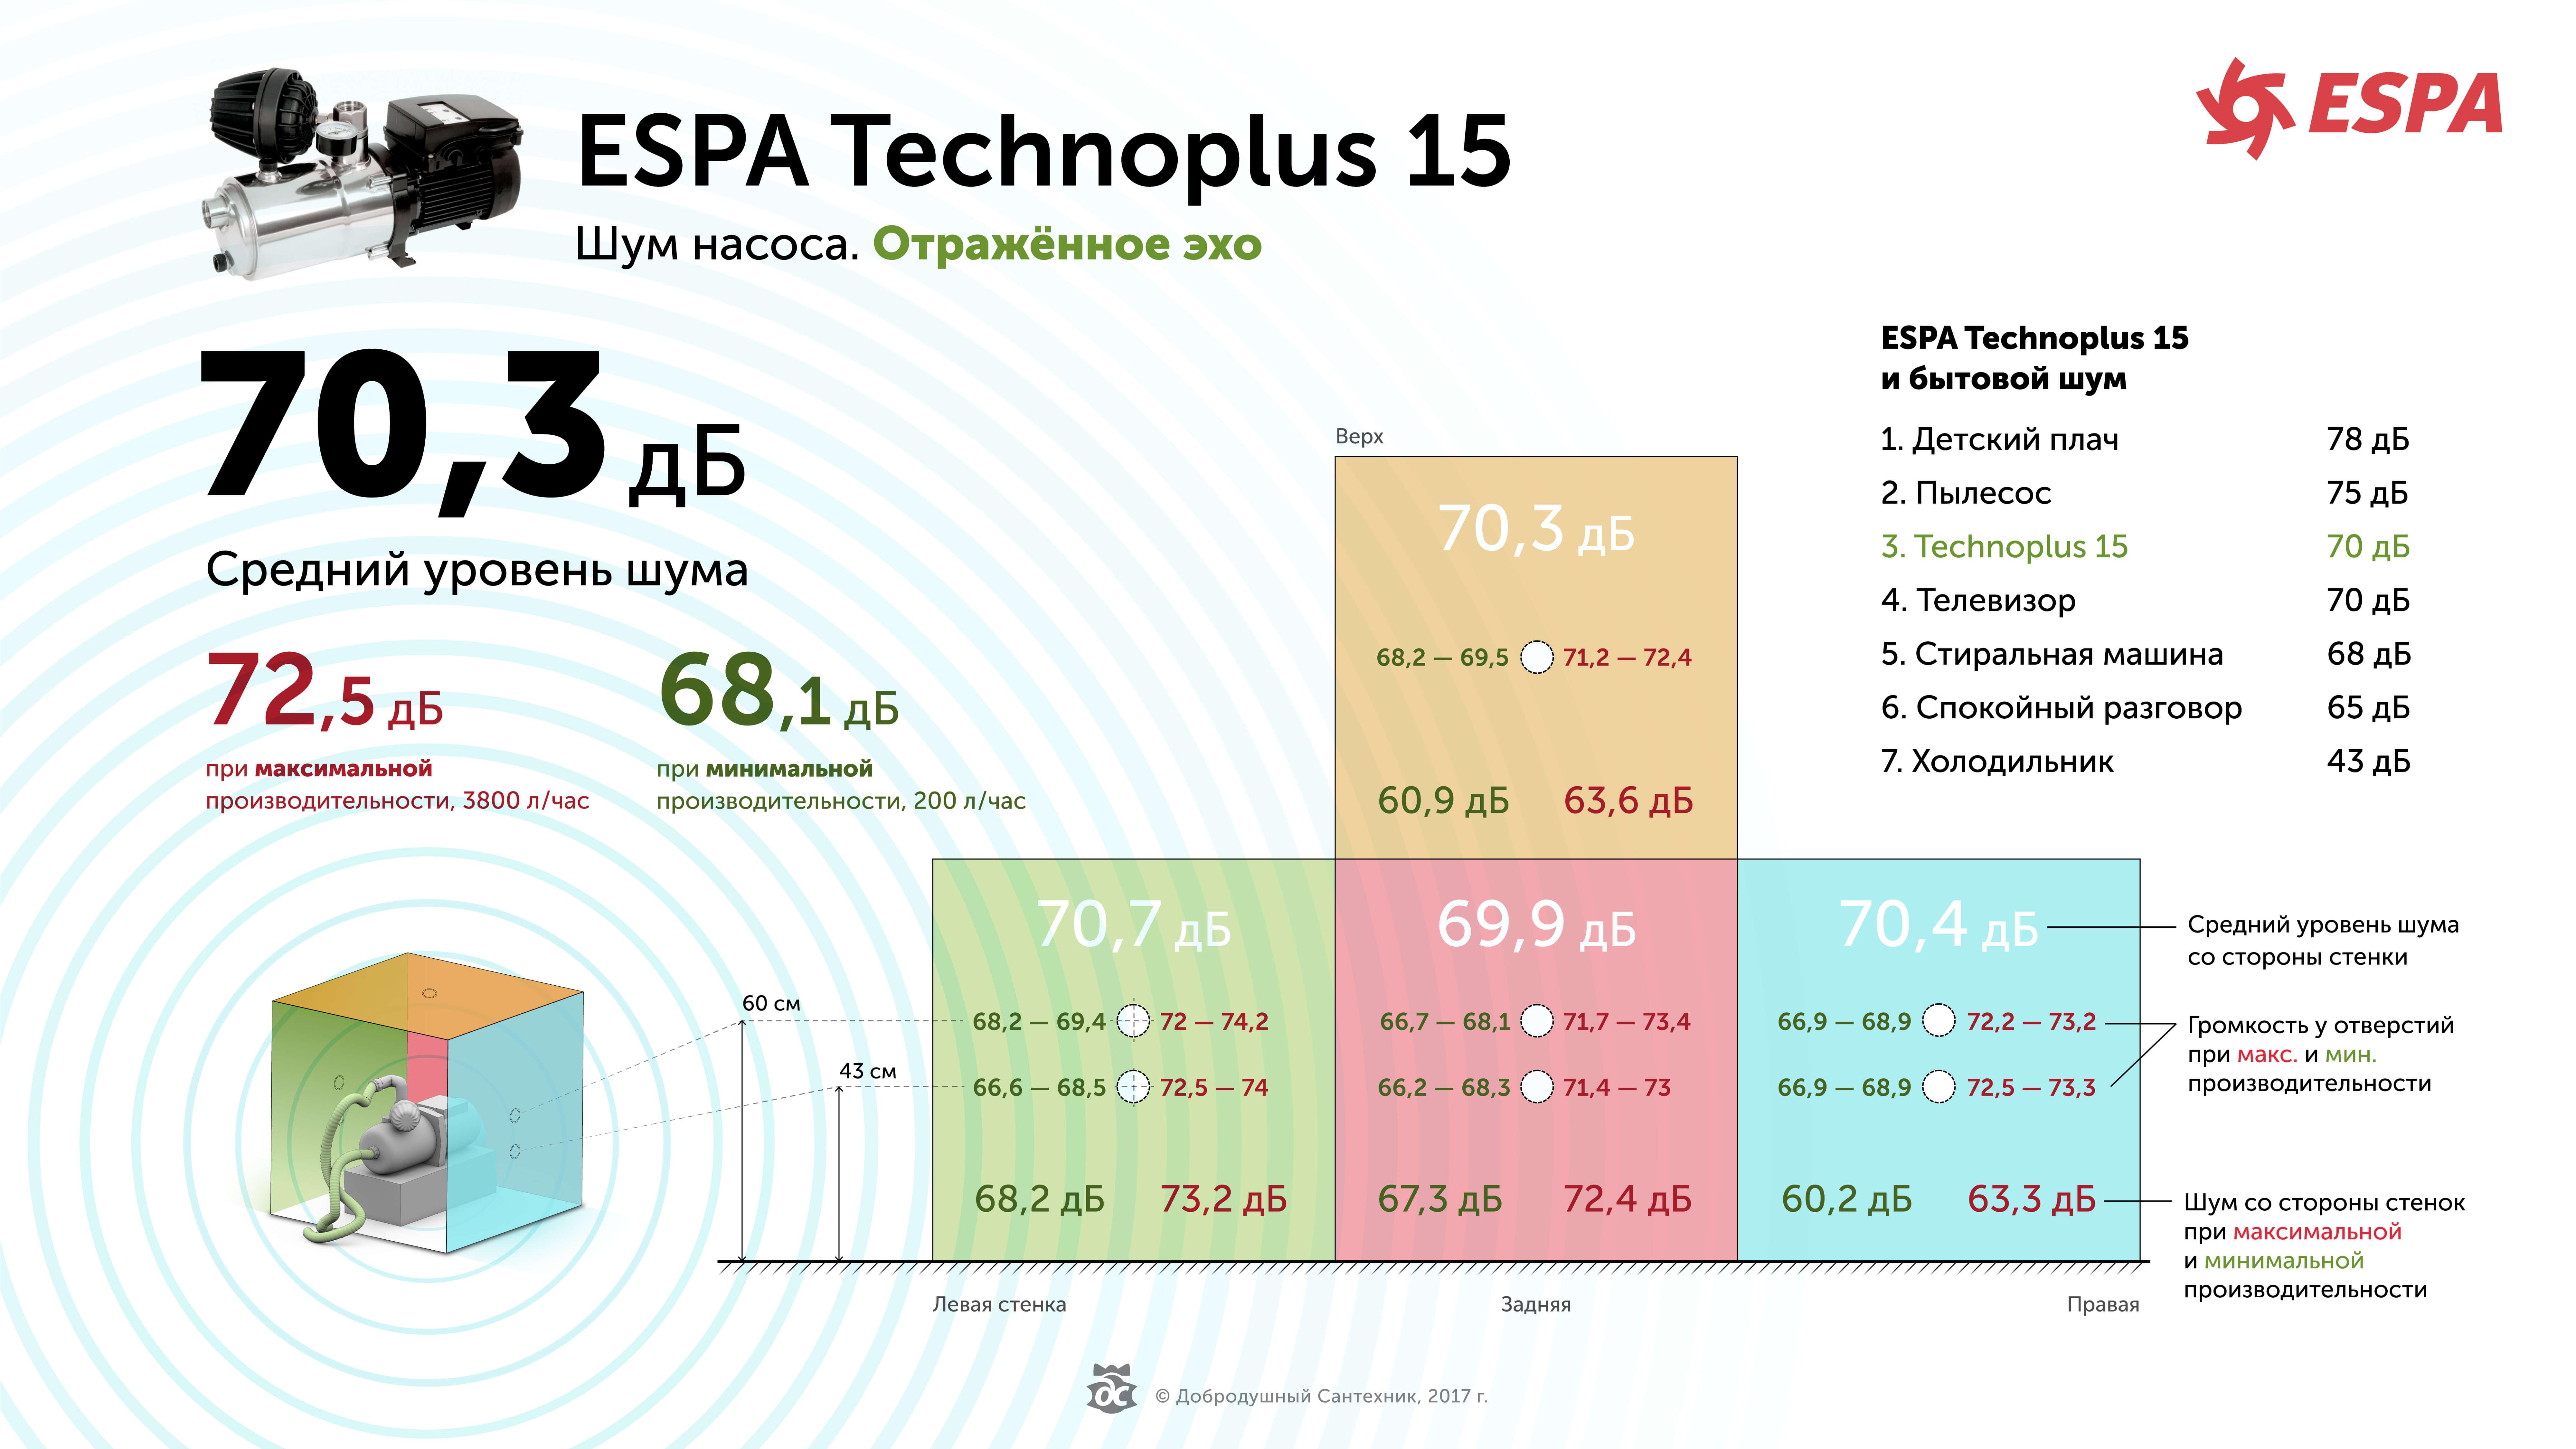 Шумность насоса Эспа Техноплюс 15. Отражённое эхо